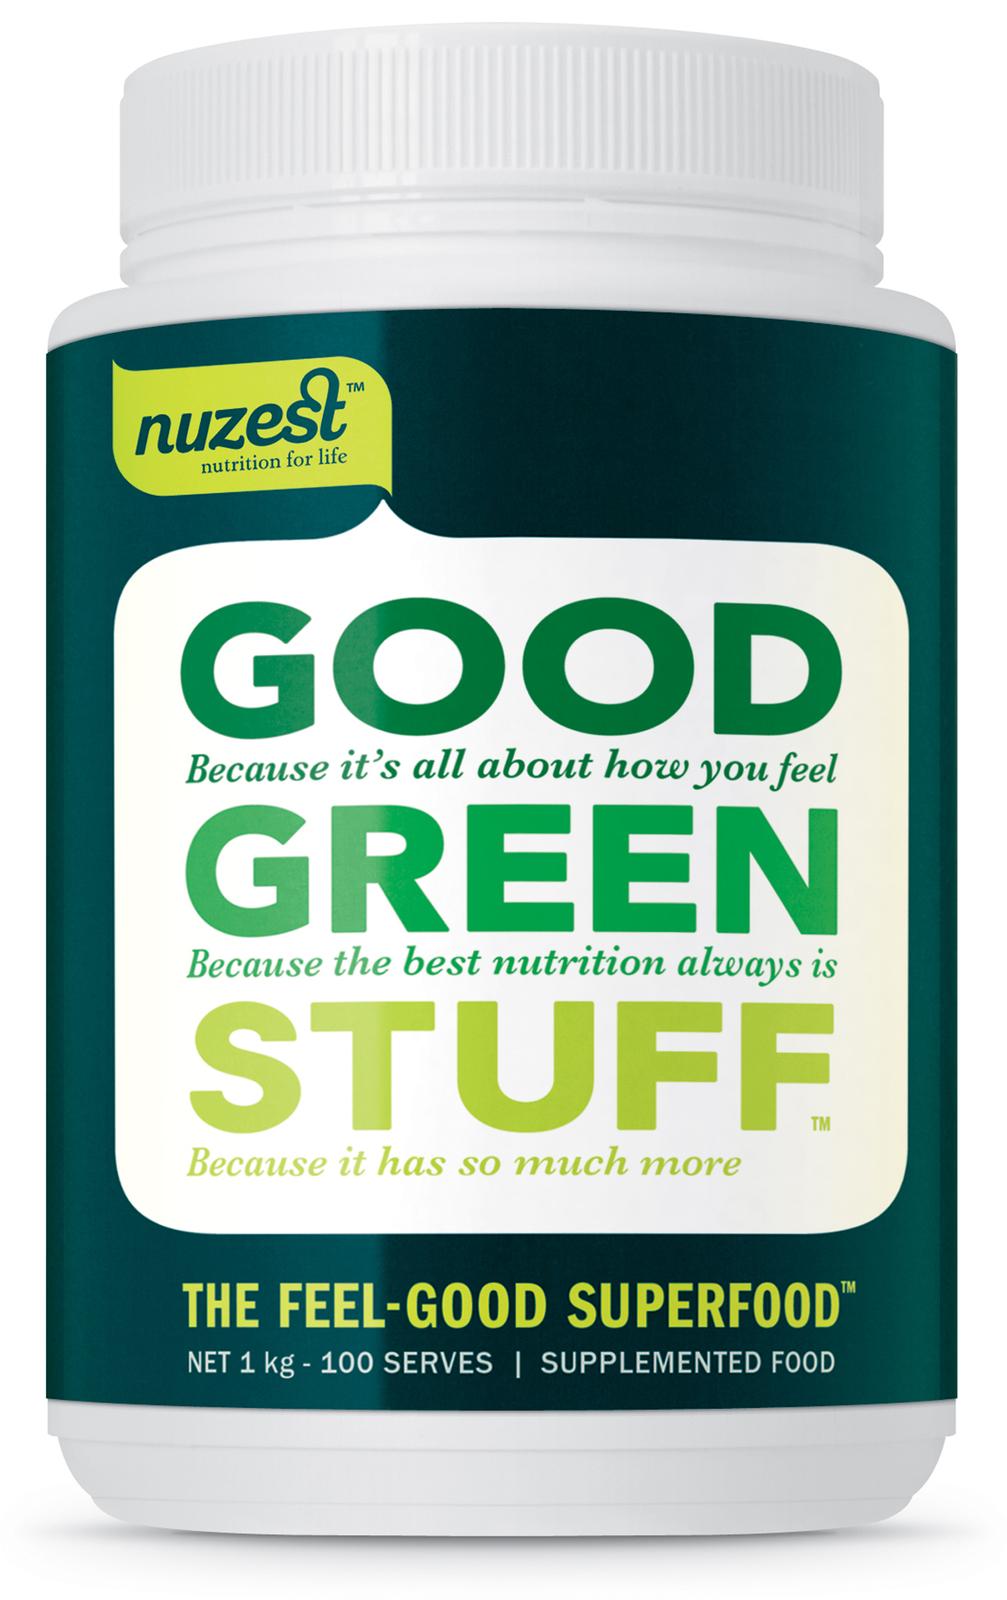 Good Green Stuff - 1Kg Jar image